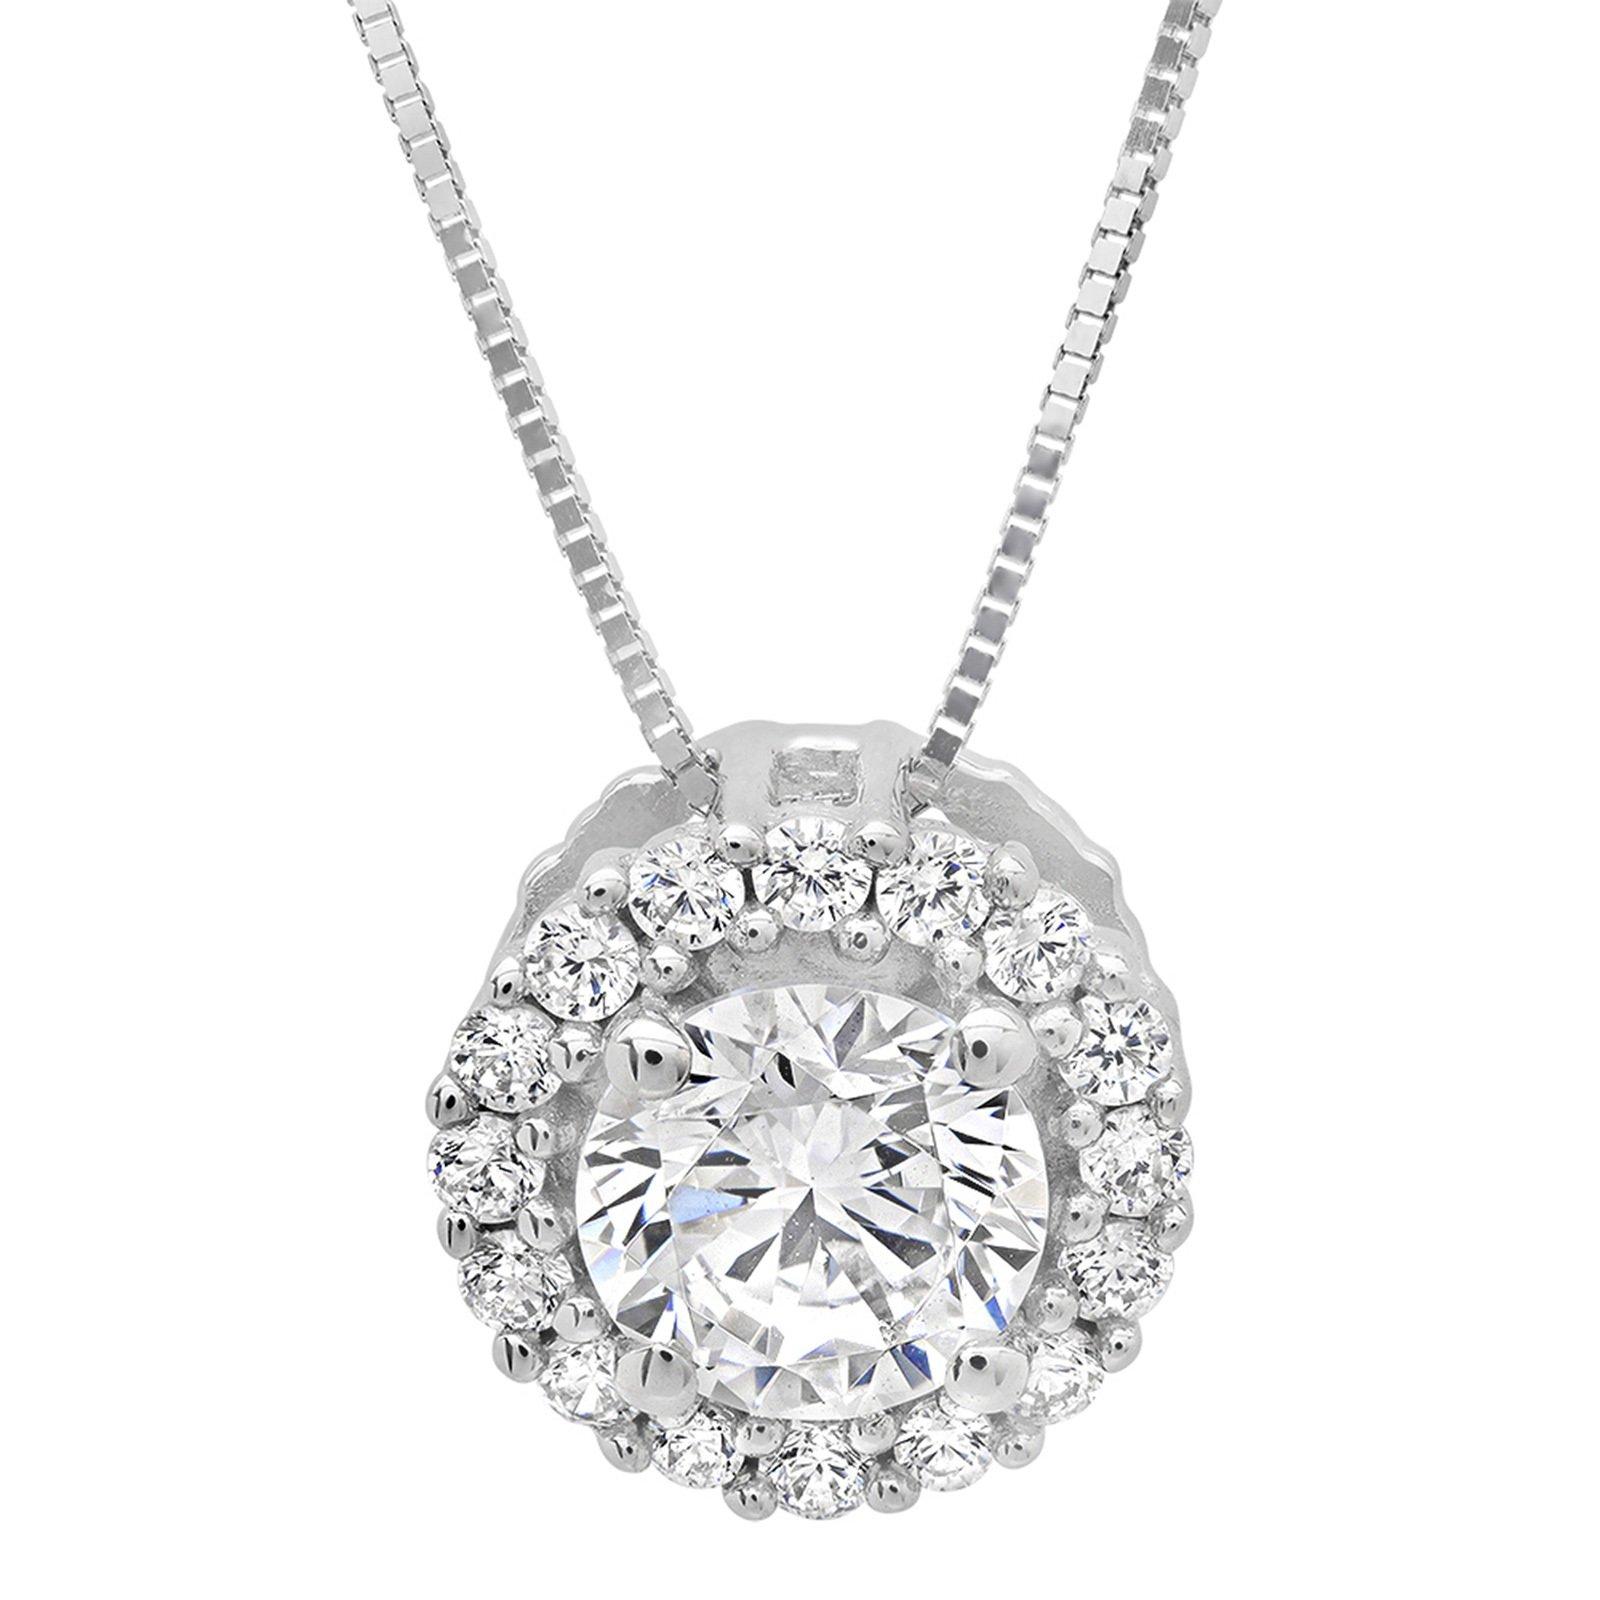 Clara Pucci 1.50 CT Brilliant Round Cut Simulated Diamond Pave Halo 14K White Gold Pendant Box Necklace + 16'' Chain